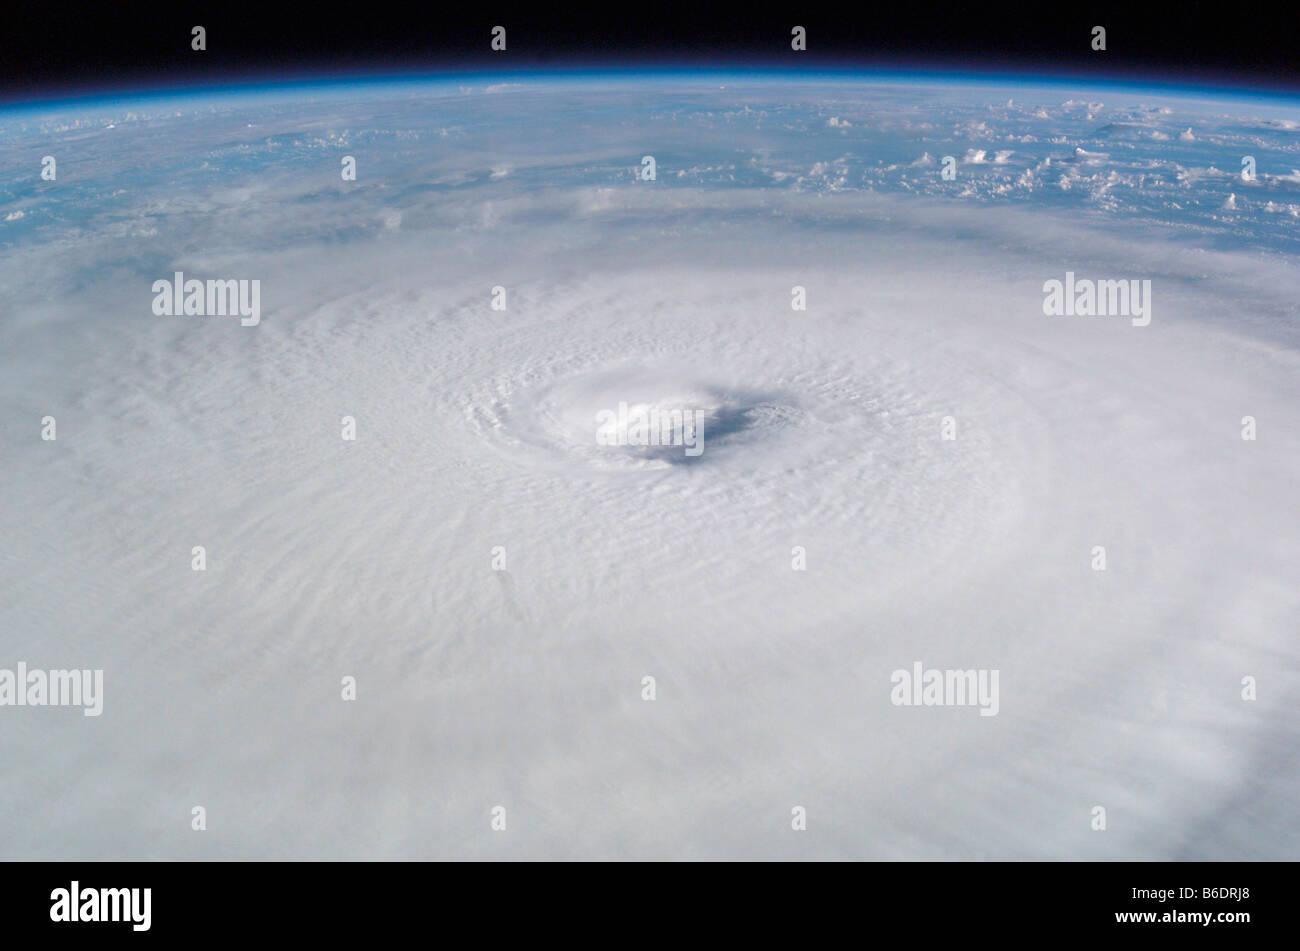 Hurrikan Isabel. Dieses Bild wurde von der internationalen Raumstation ISS am 13. September 2003 aufgenommen. Stockfoto